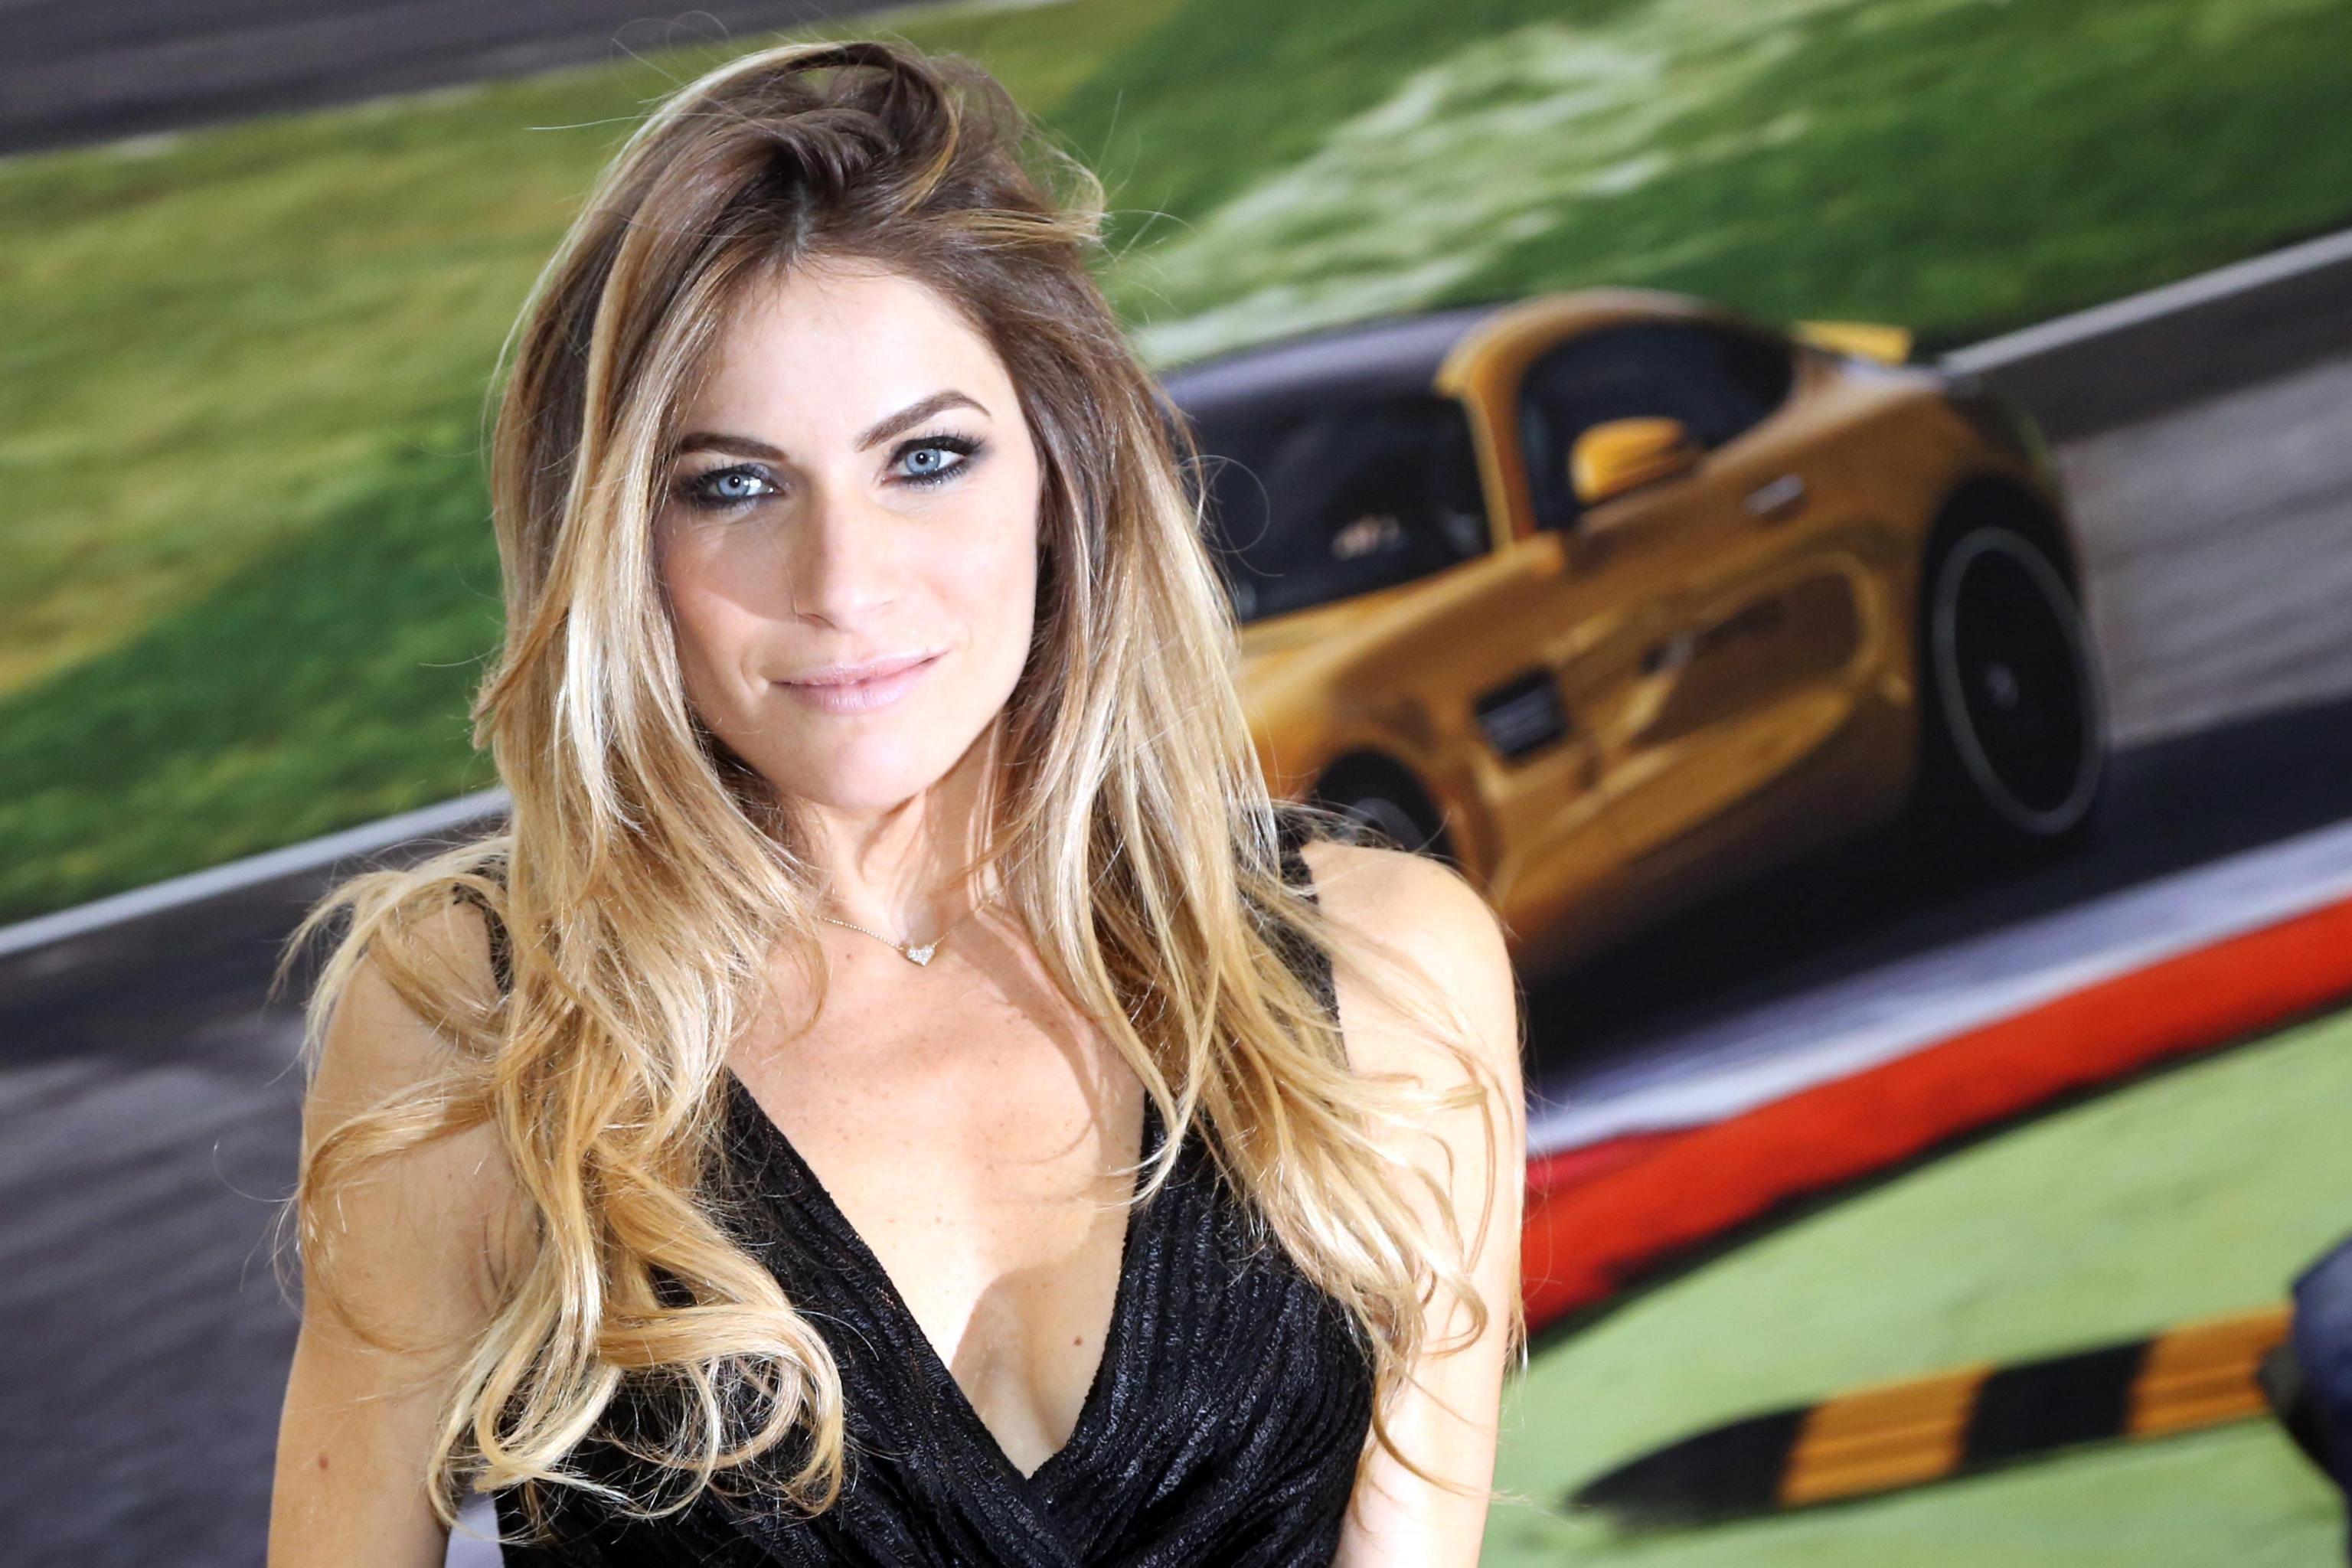 Eleonora Pedron sulla rottura tra Max Biaggi e Bianca Atzei: 'Io non c'entro'